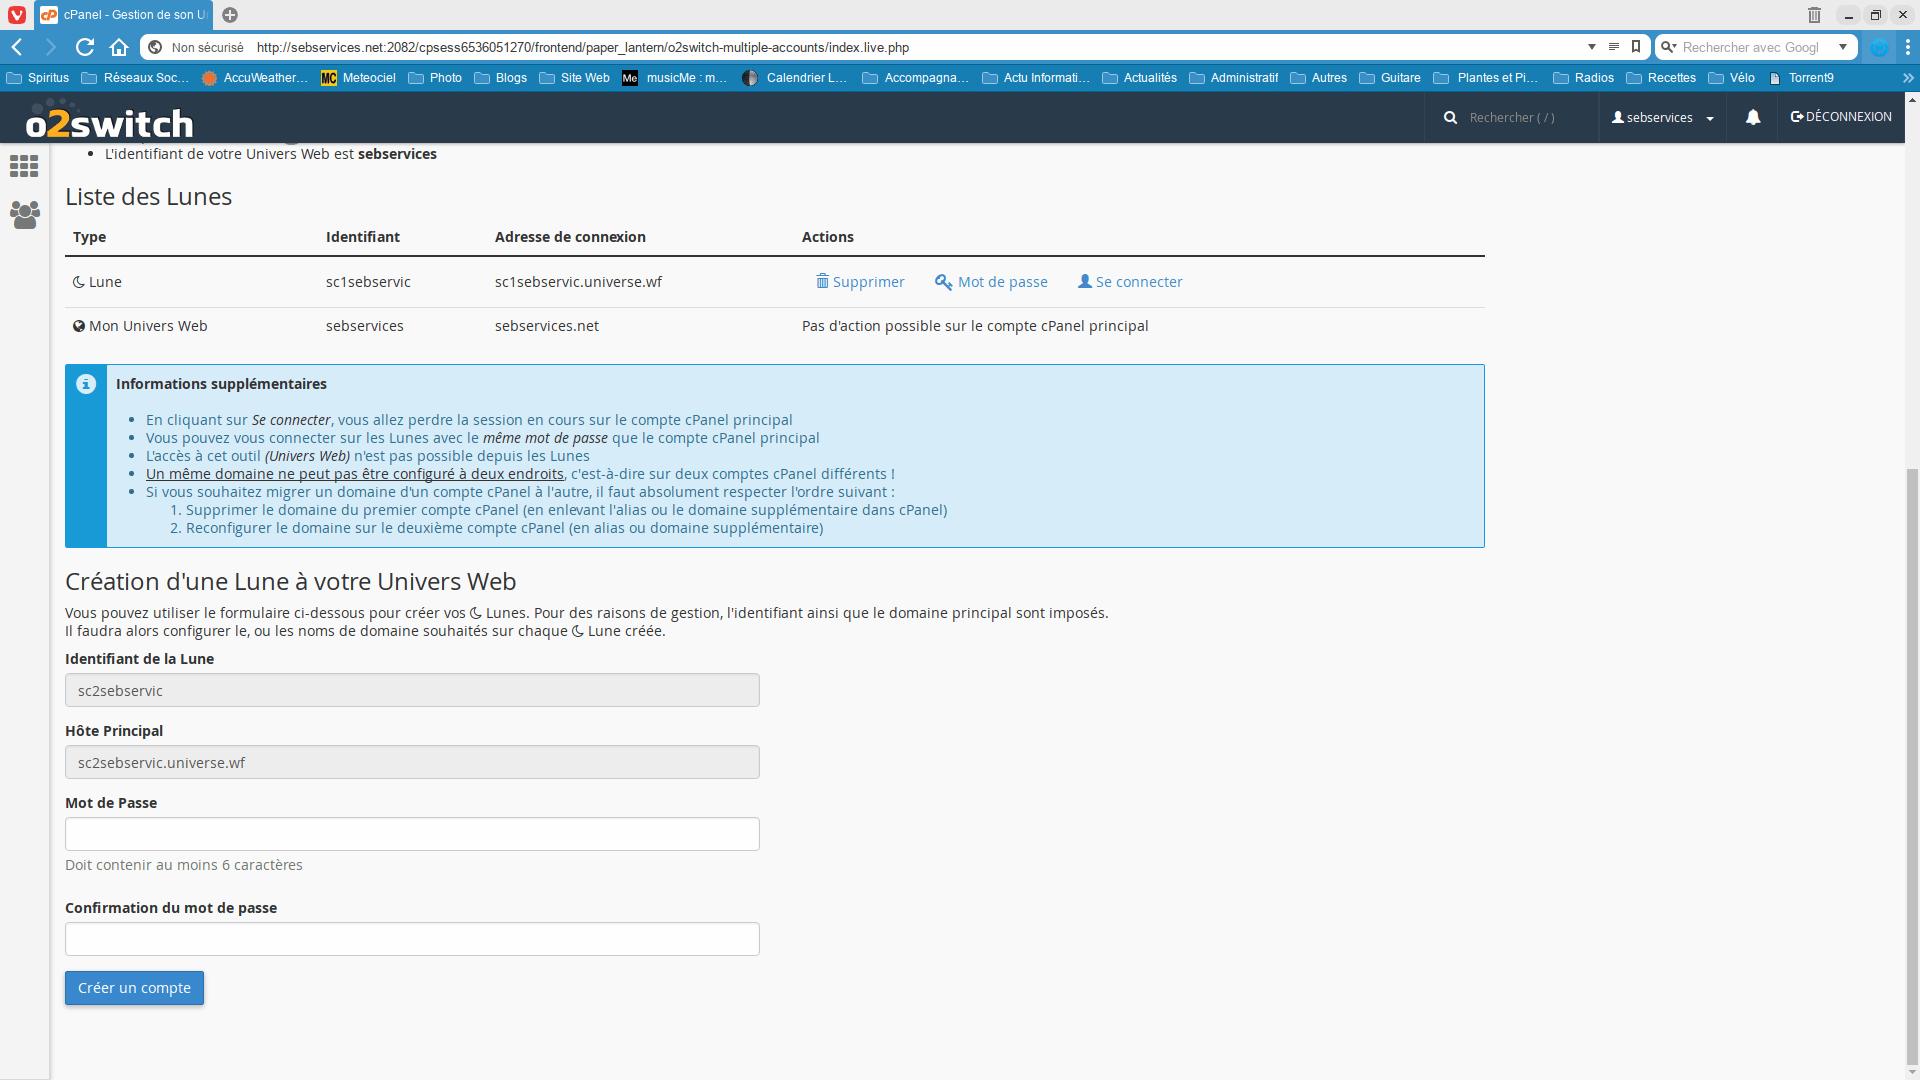 Gestion univers web 2 - Seb Services Informatique Belfort